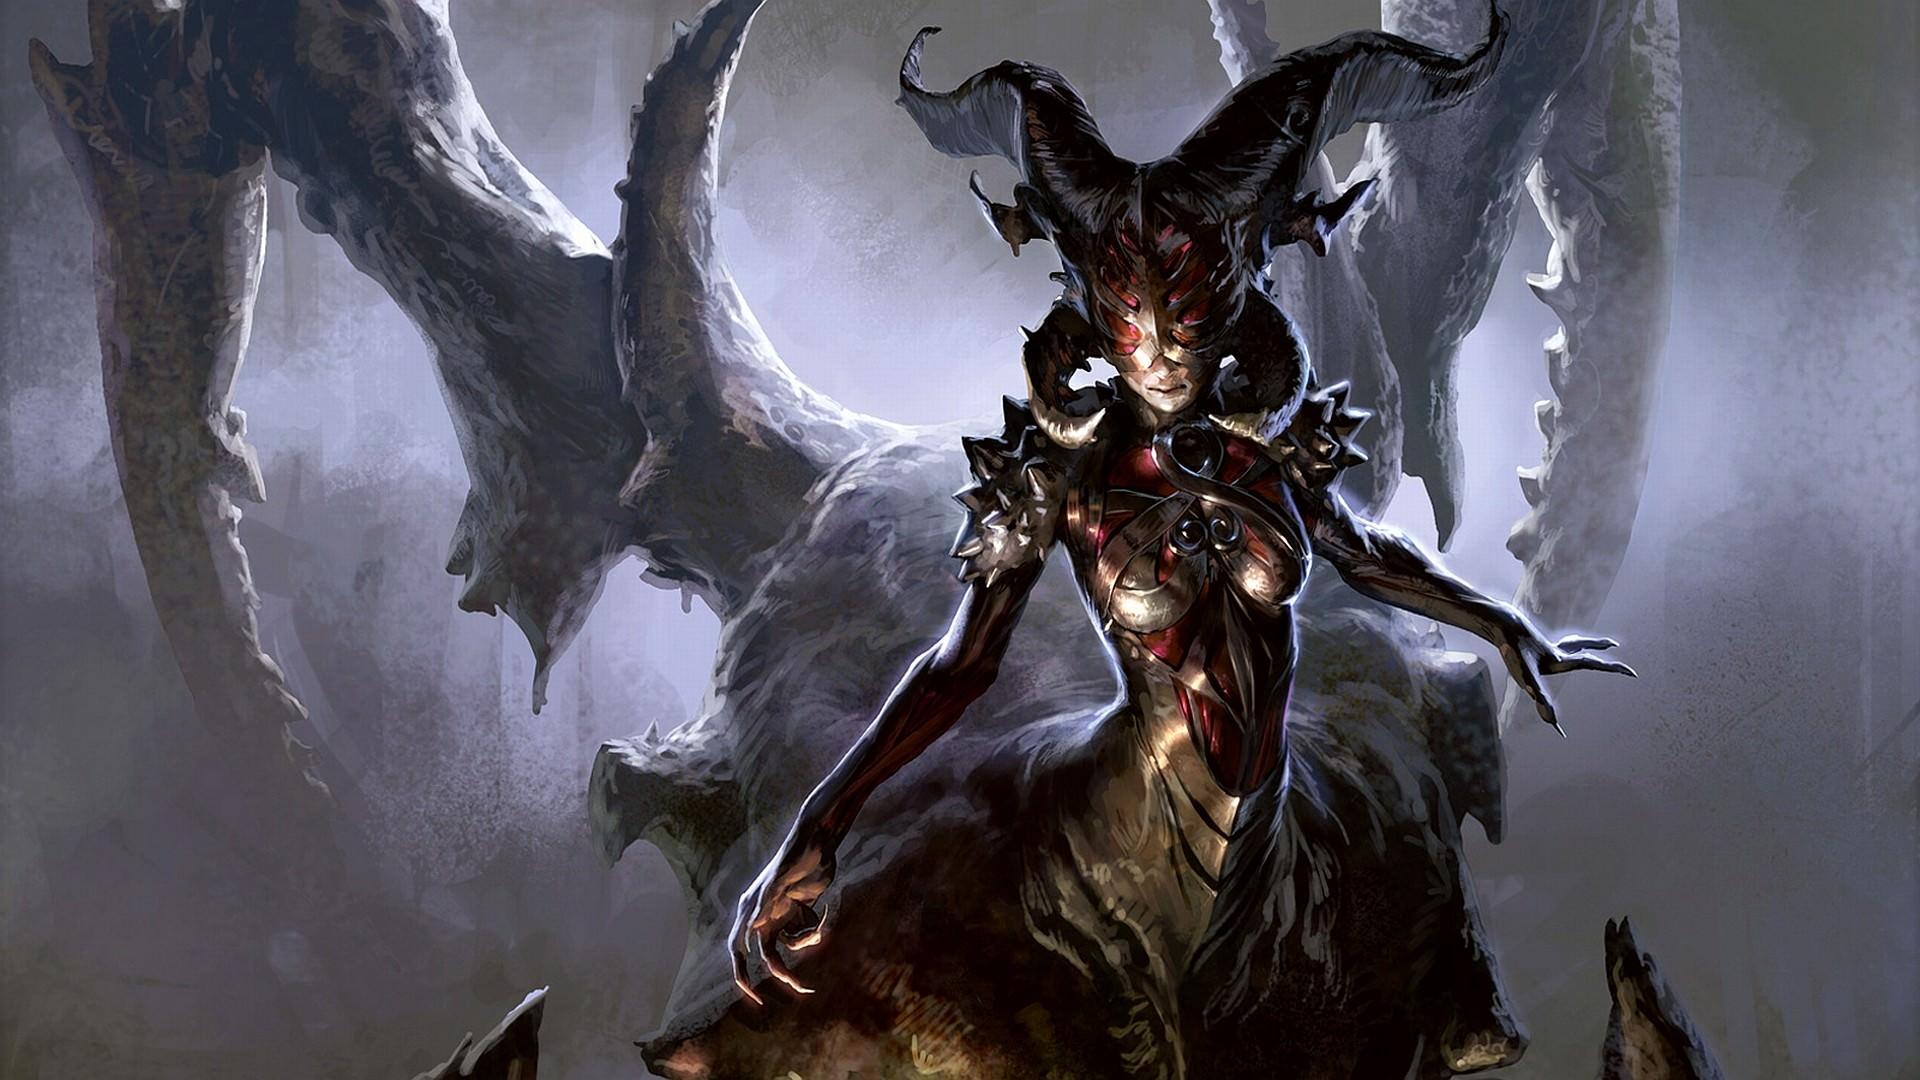 Female Demon Wallpaper  WallpaperSafari